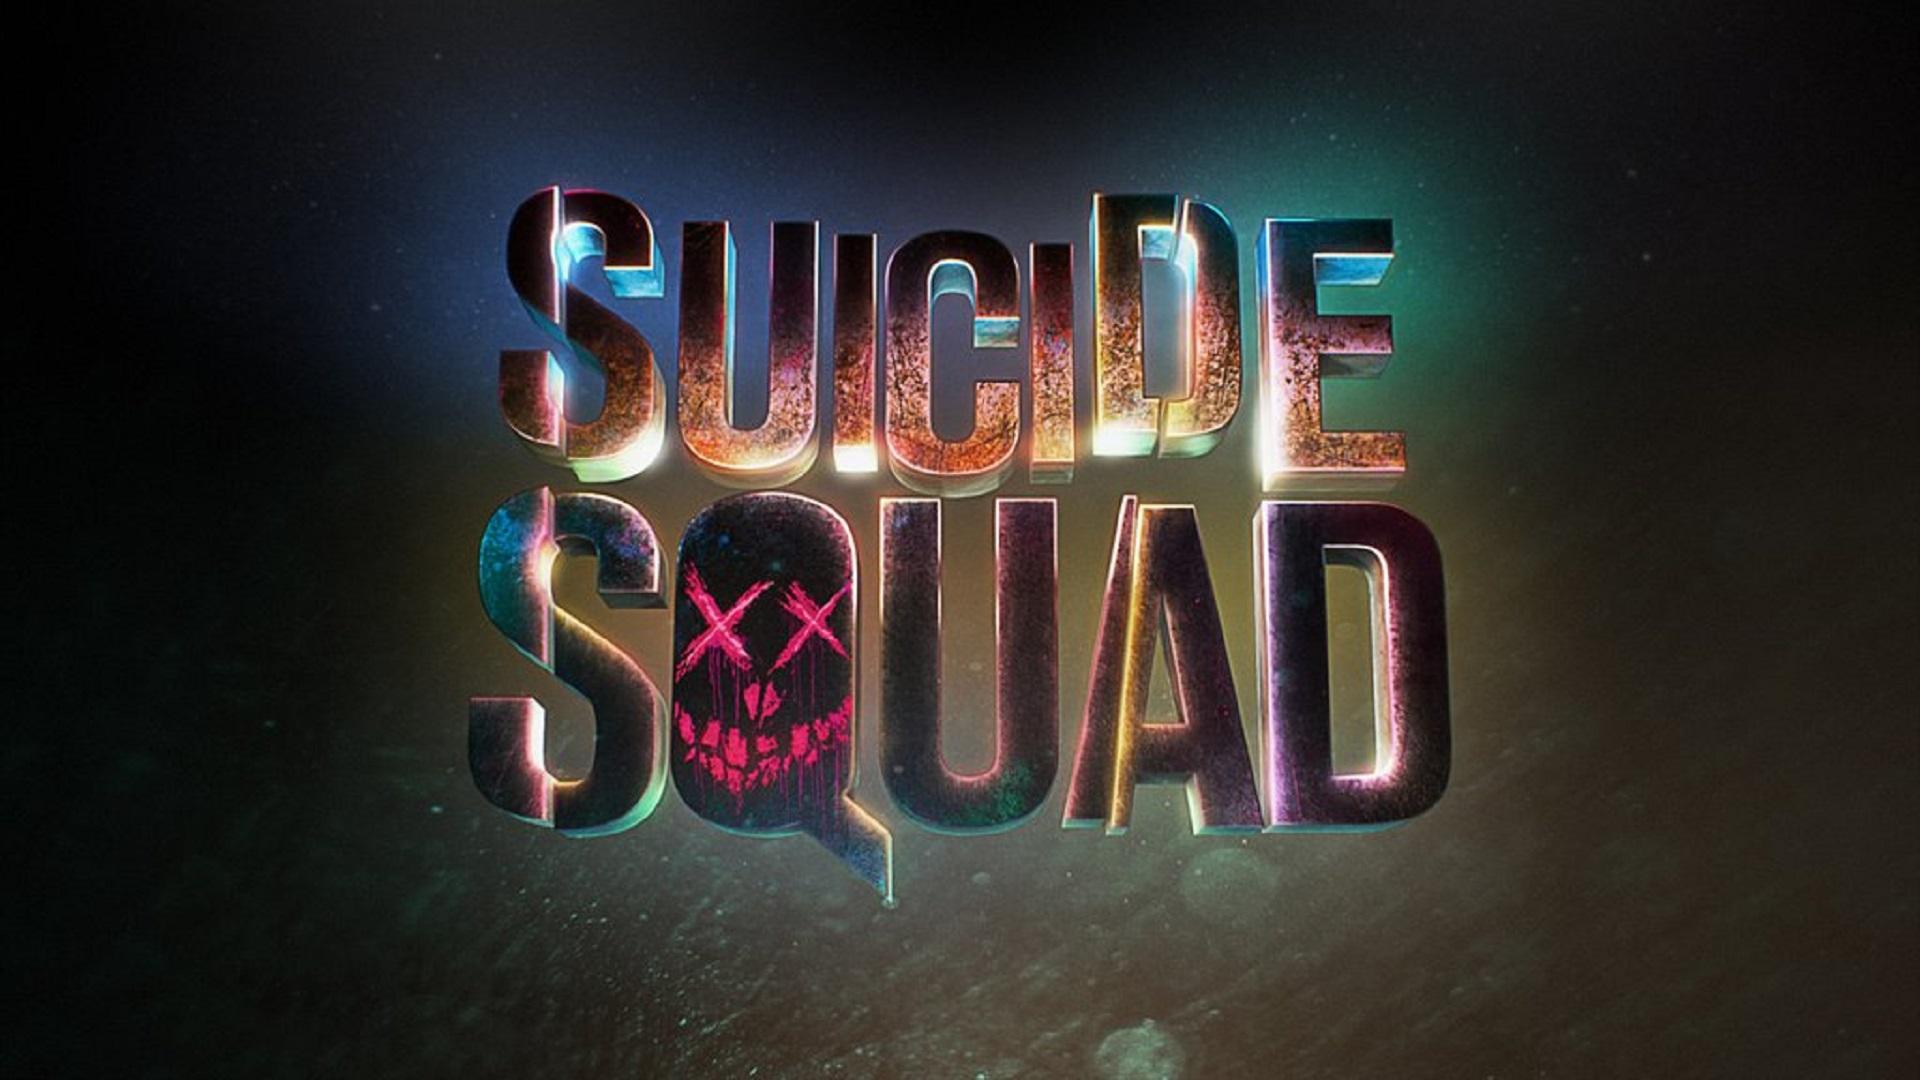 Coringa Surta Em Novo Trailer De Esquadrao Suicida